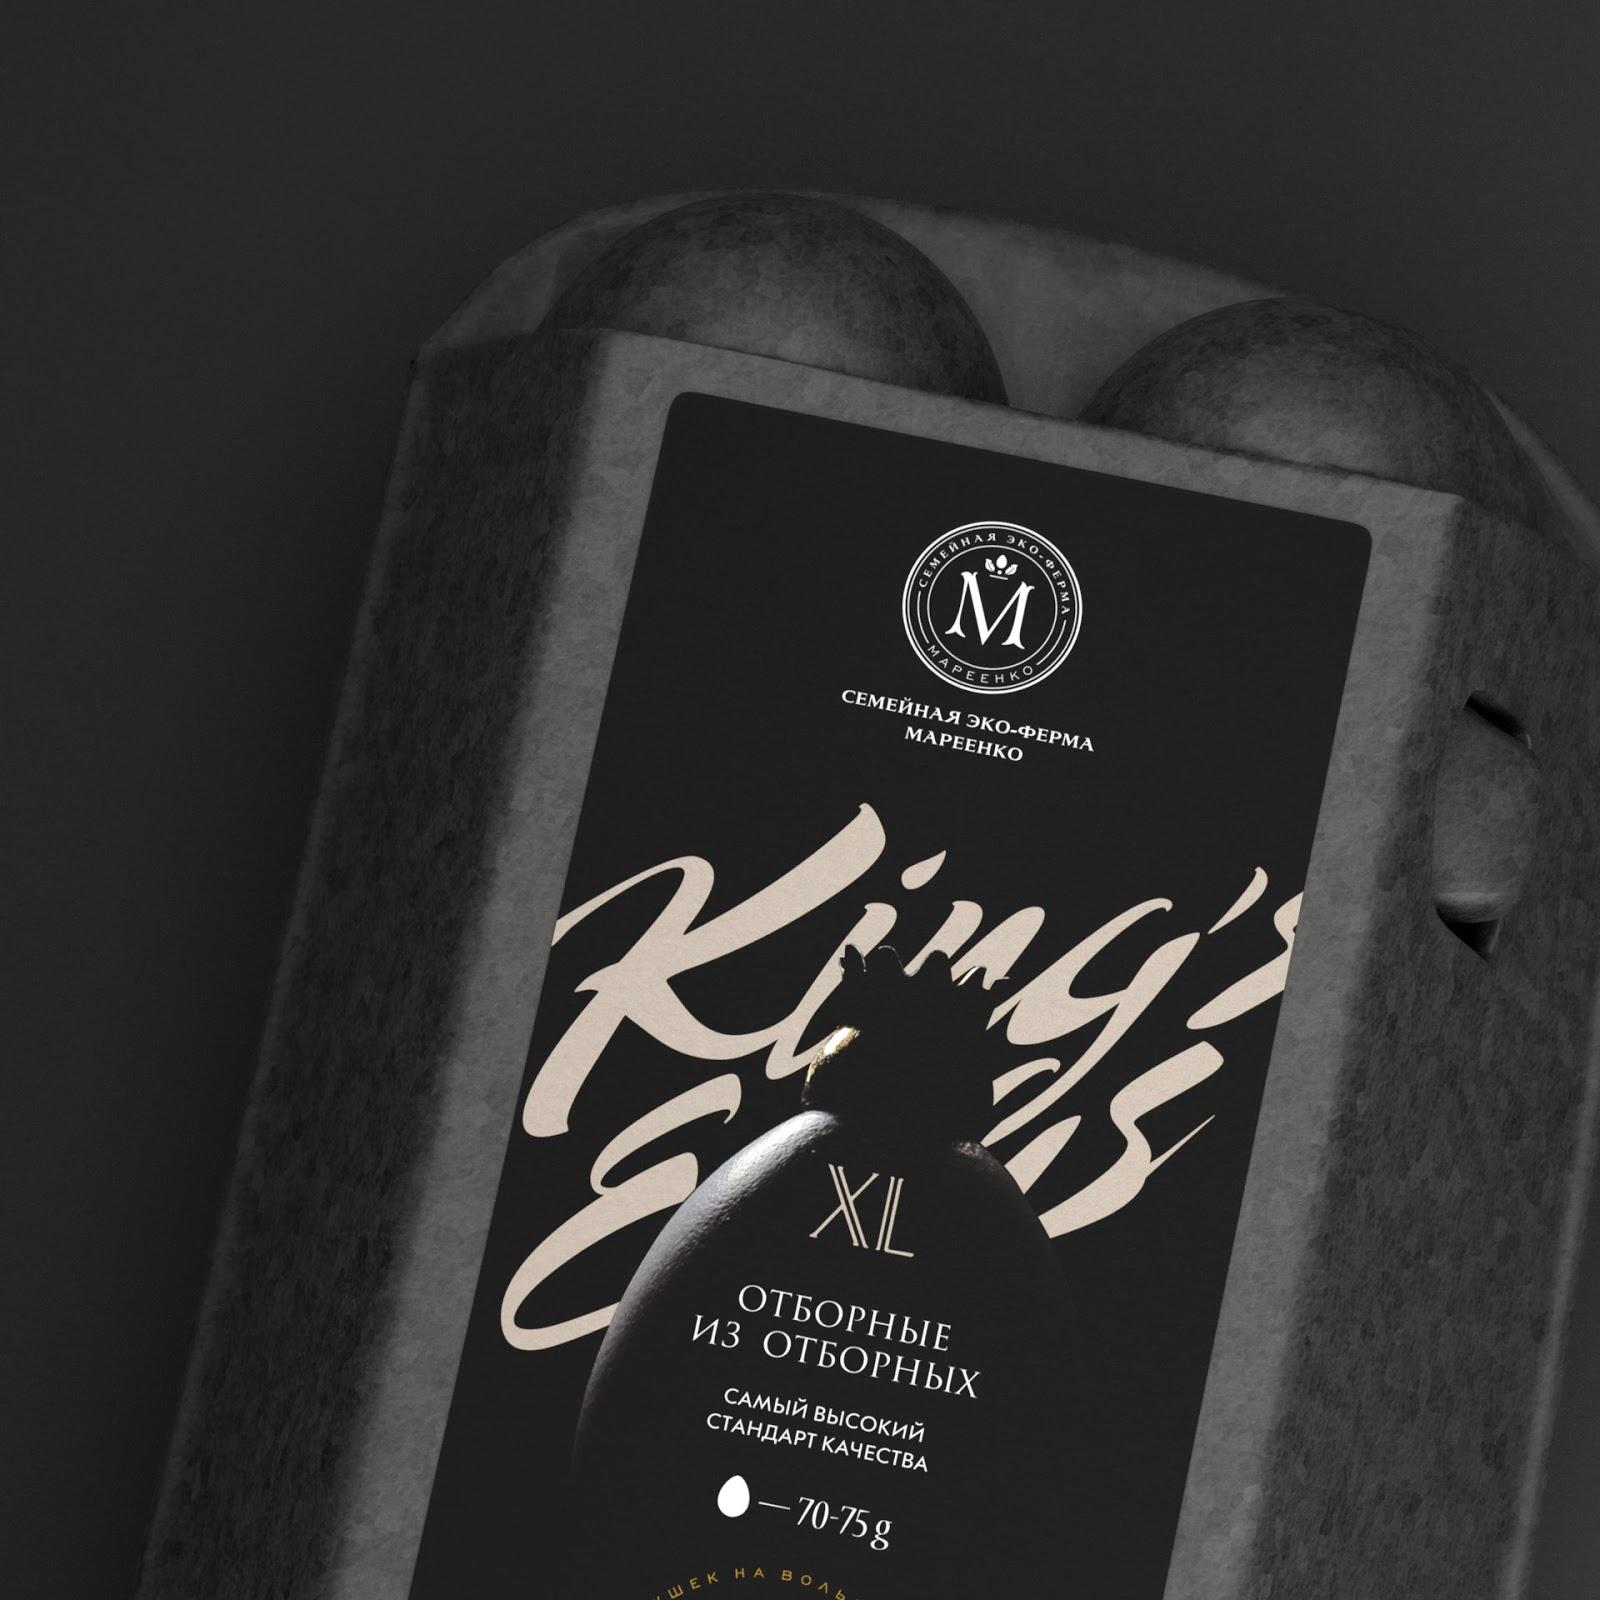 King's酷黑风格的鸡蛋盒包装